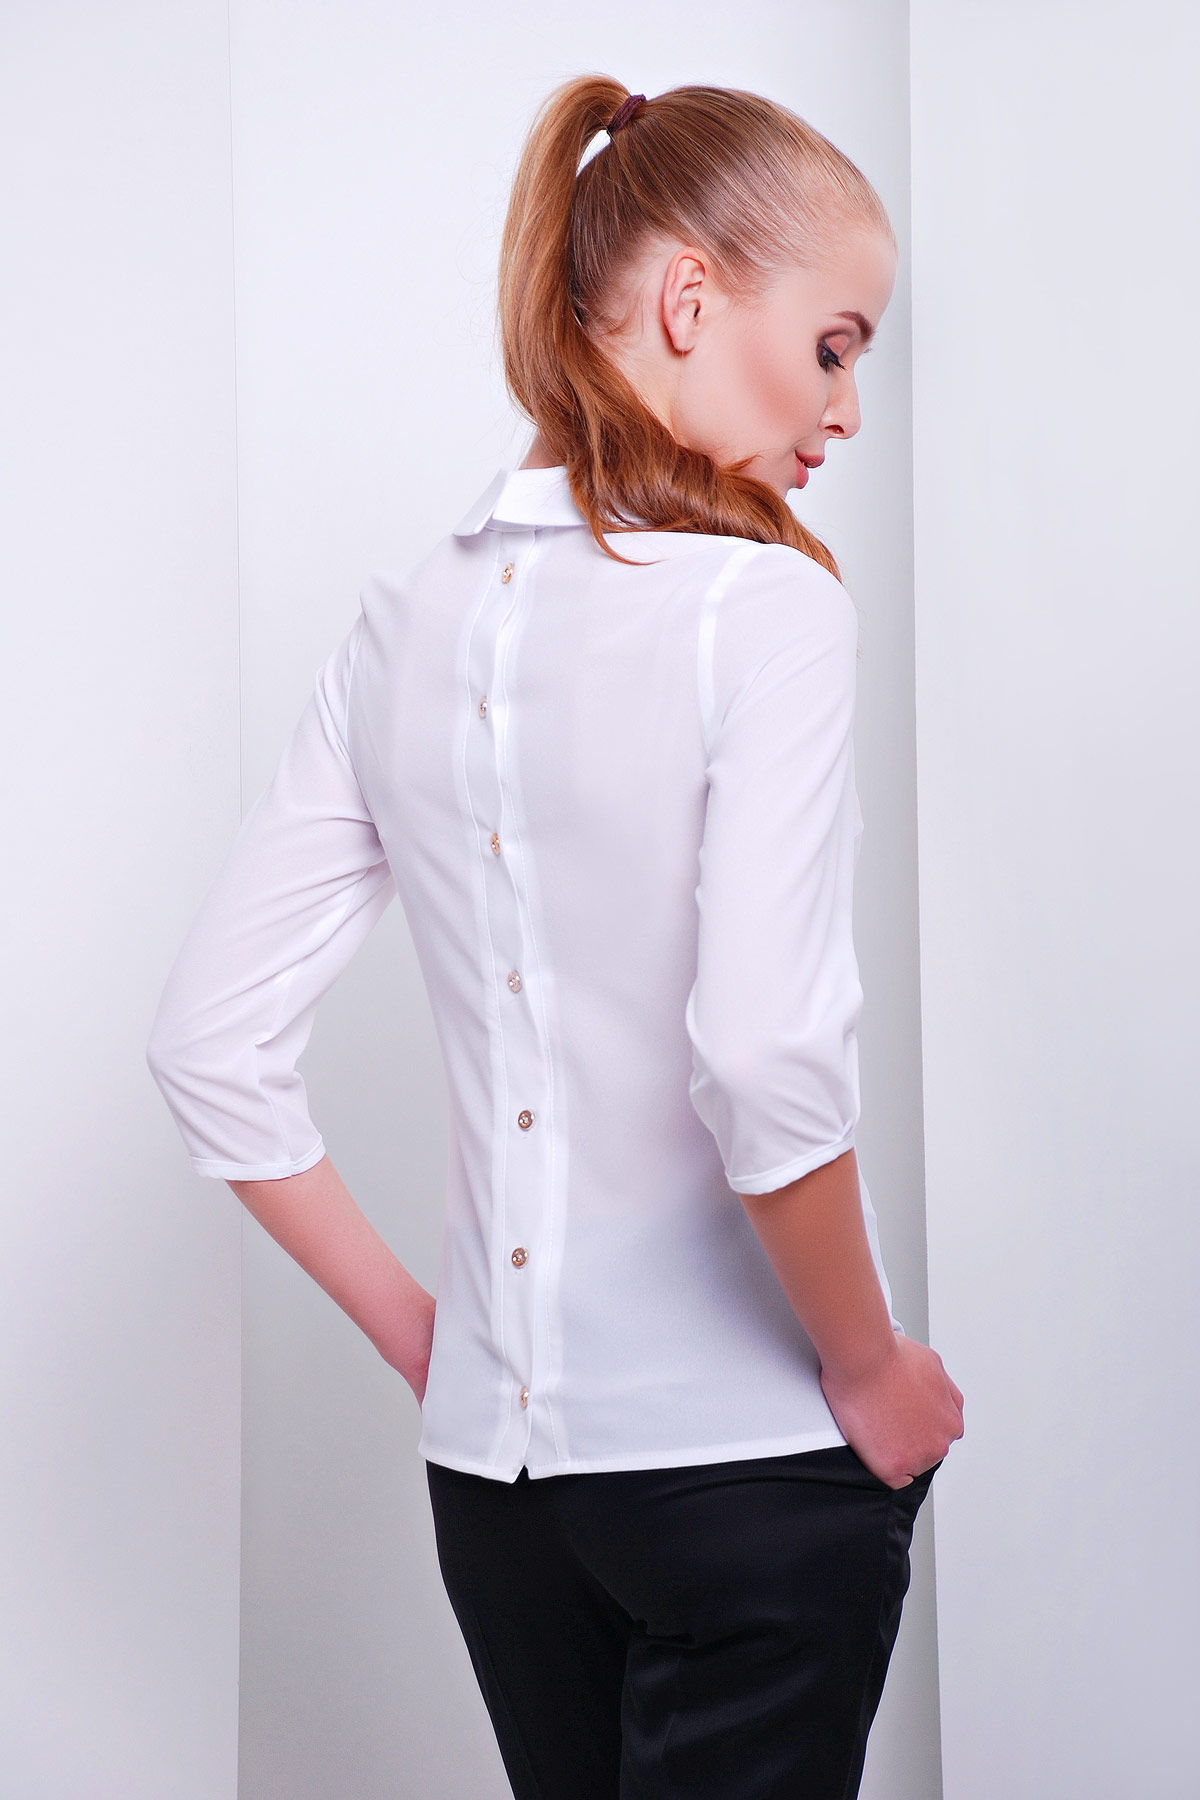 d42d29bfe4e белая офисная блузка из шифона. блуза Келли д р. Цвет  белый купить